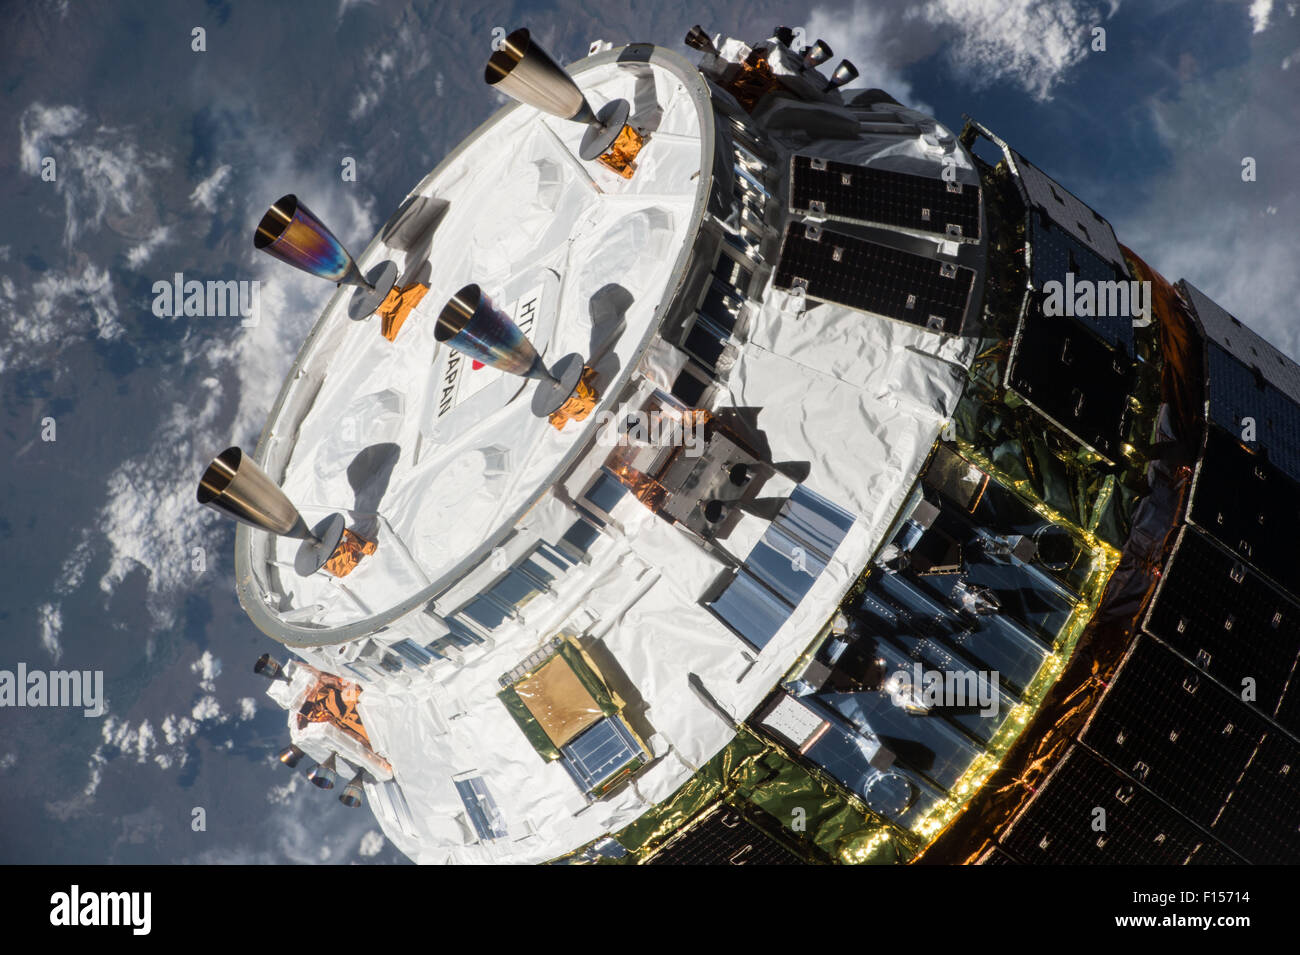 Die Japan Aerospace Exploration Agency Kounotori 5 H-II Transfer Vehicle Cargo Raumschiff nähert sich der internationalen Stockbild